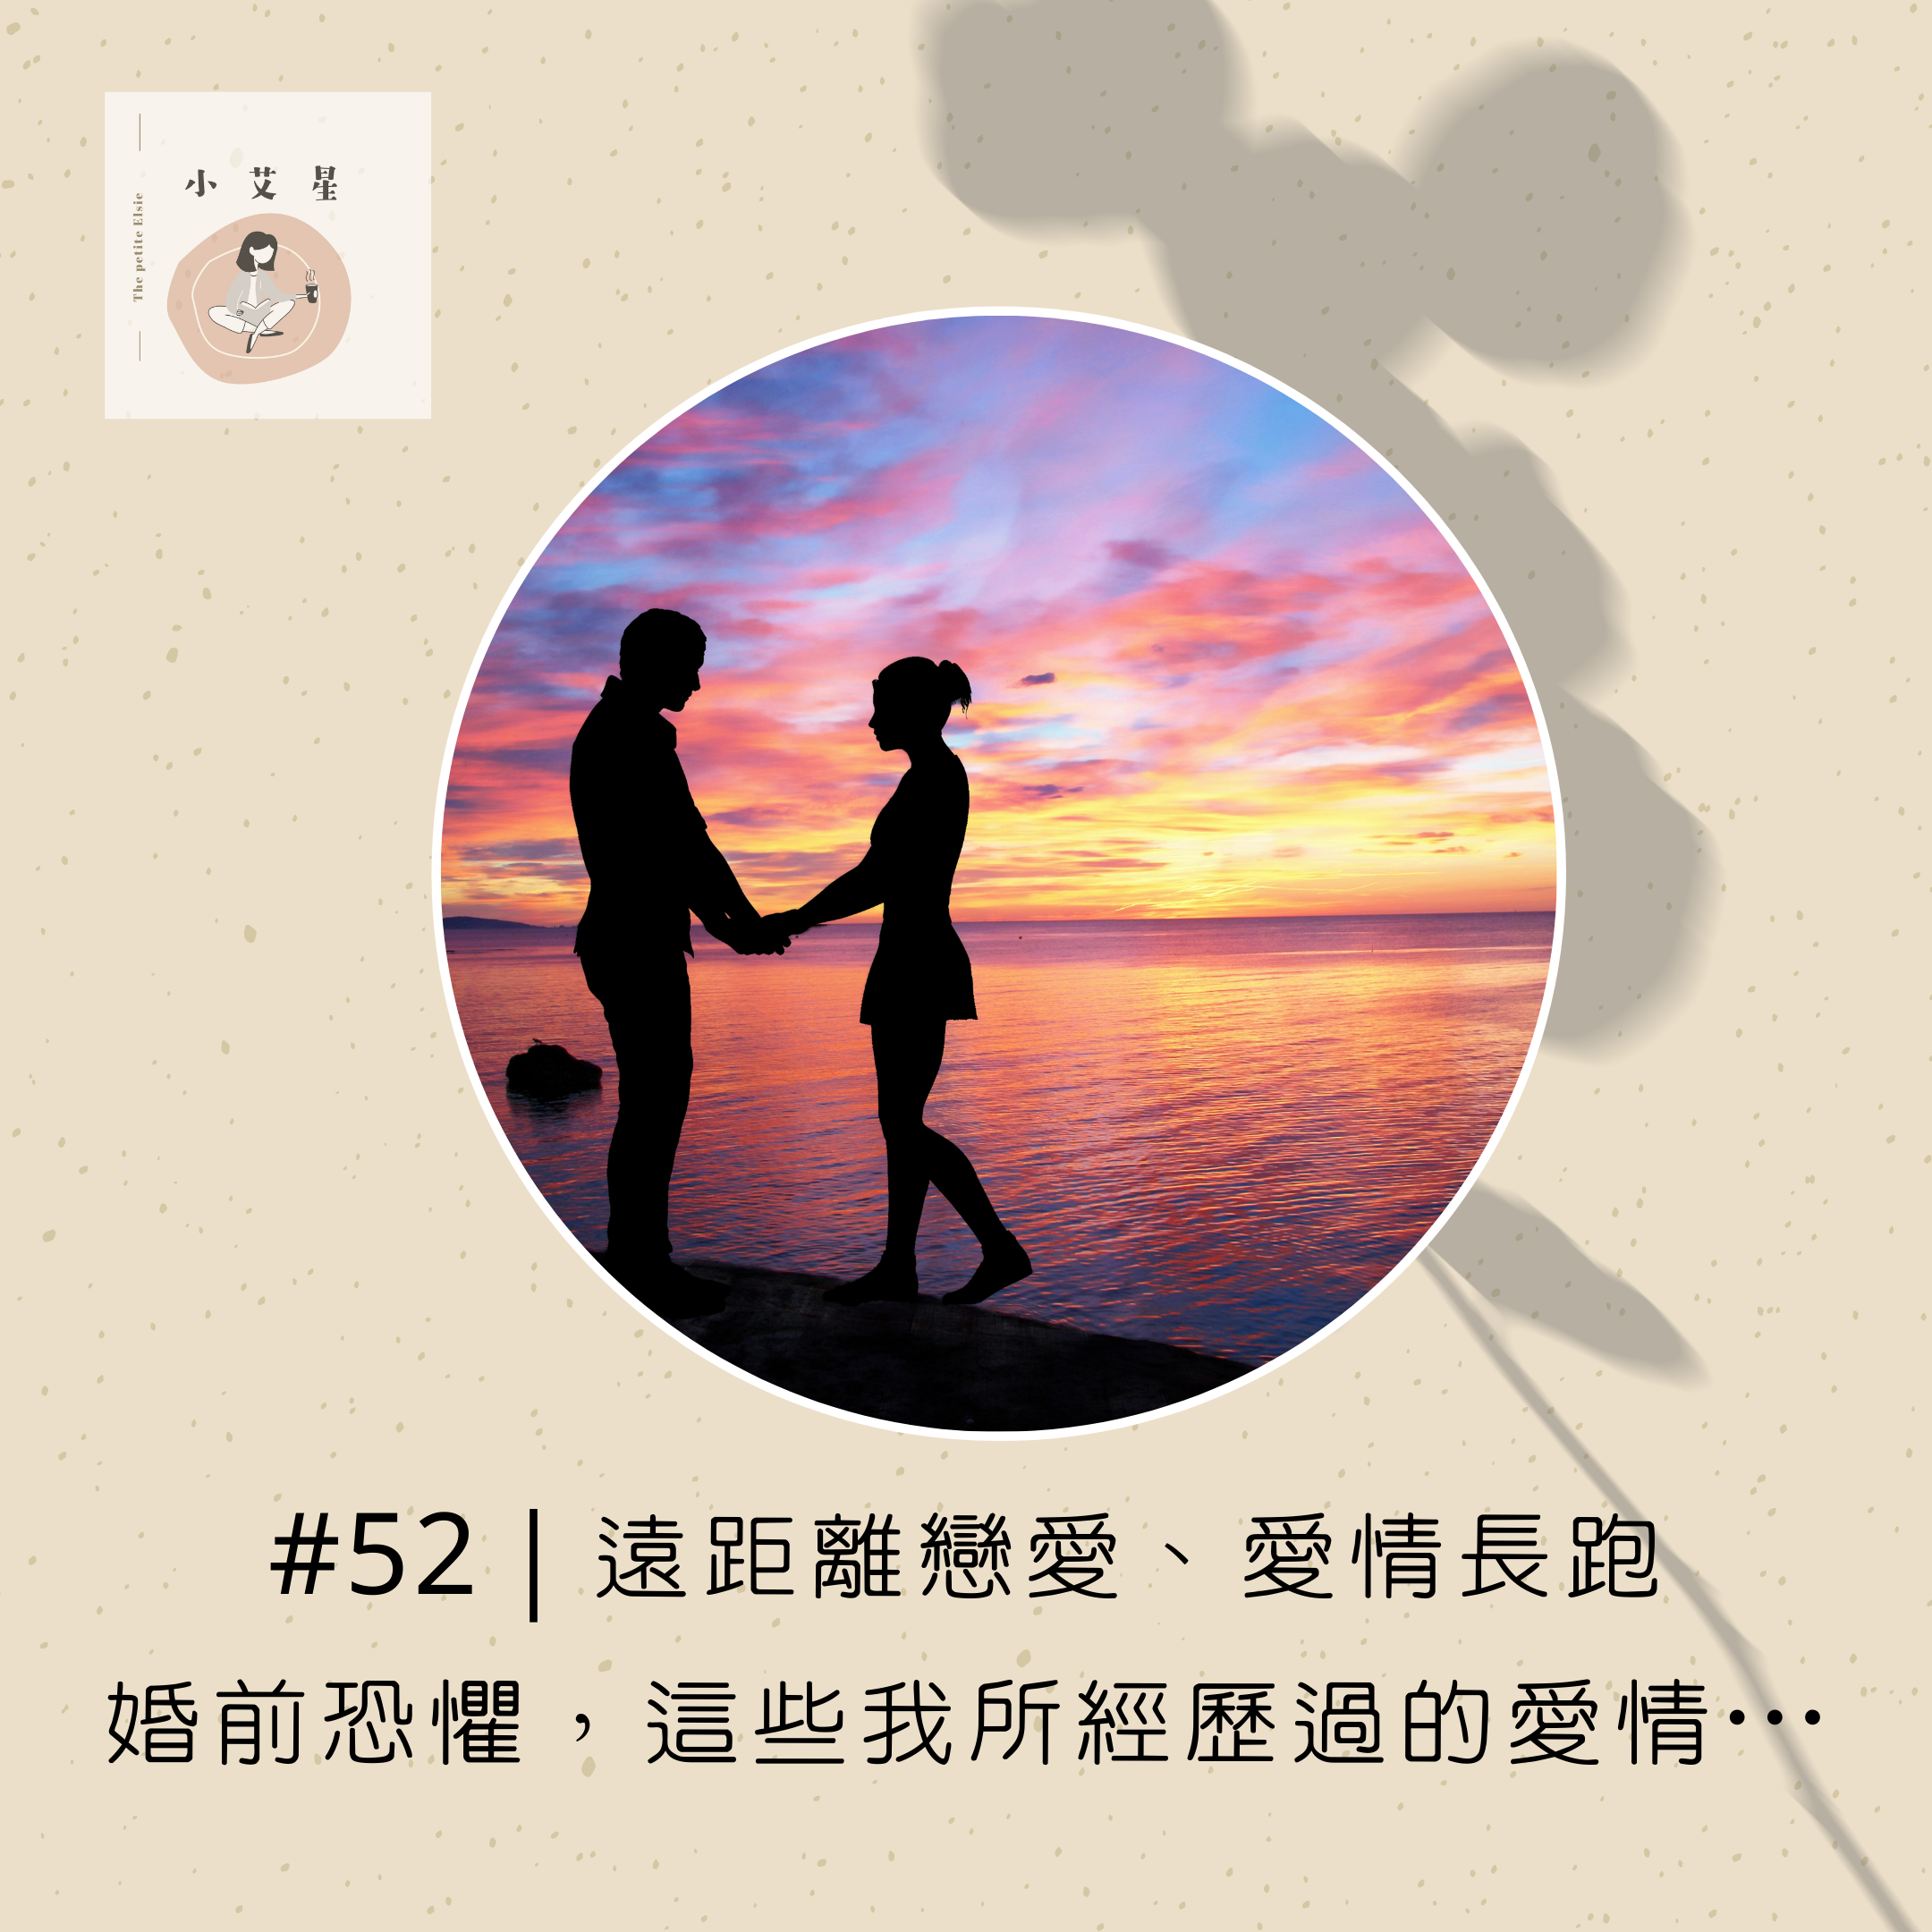 #52|遠距離戀愛、愛情長跑、婚前恐懼,這些我所經歷過的愛情...